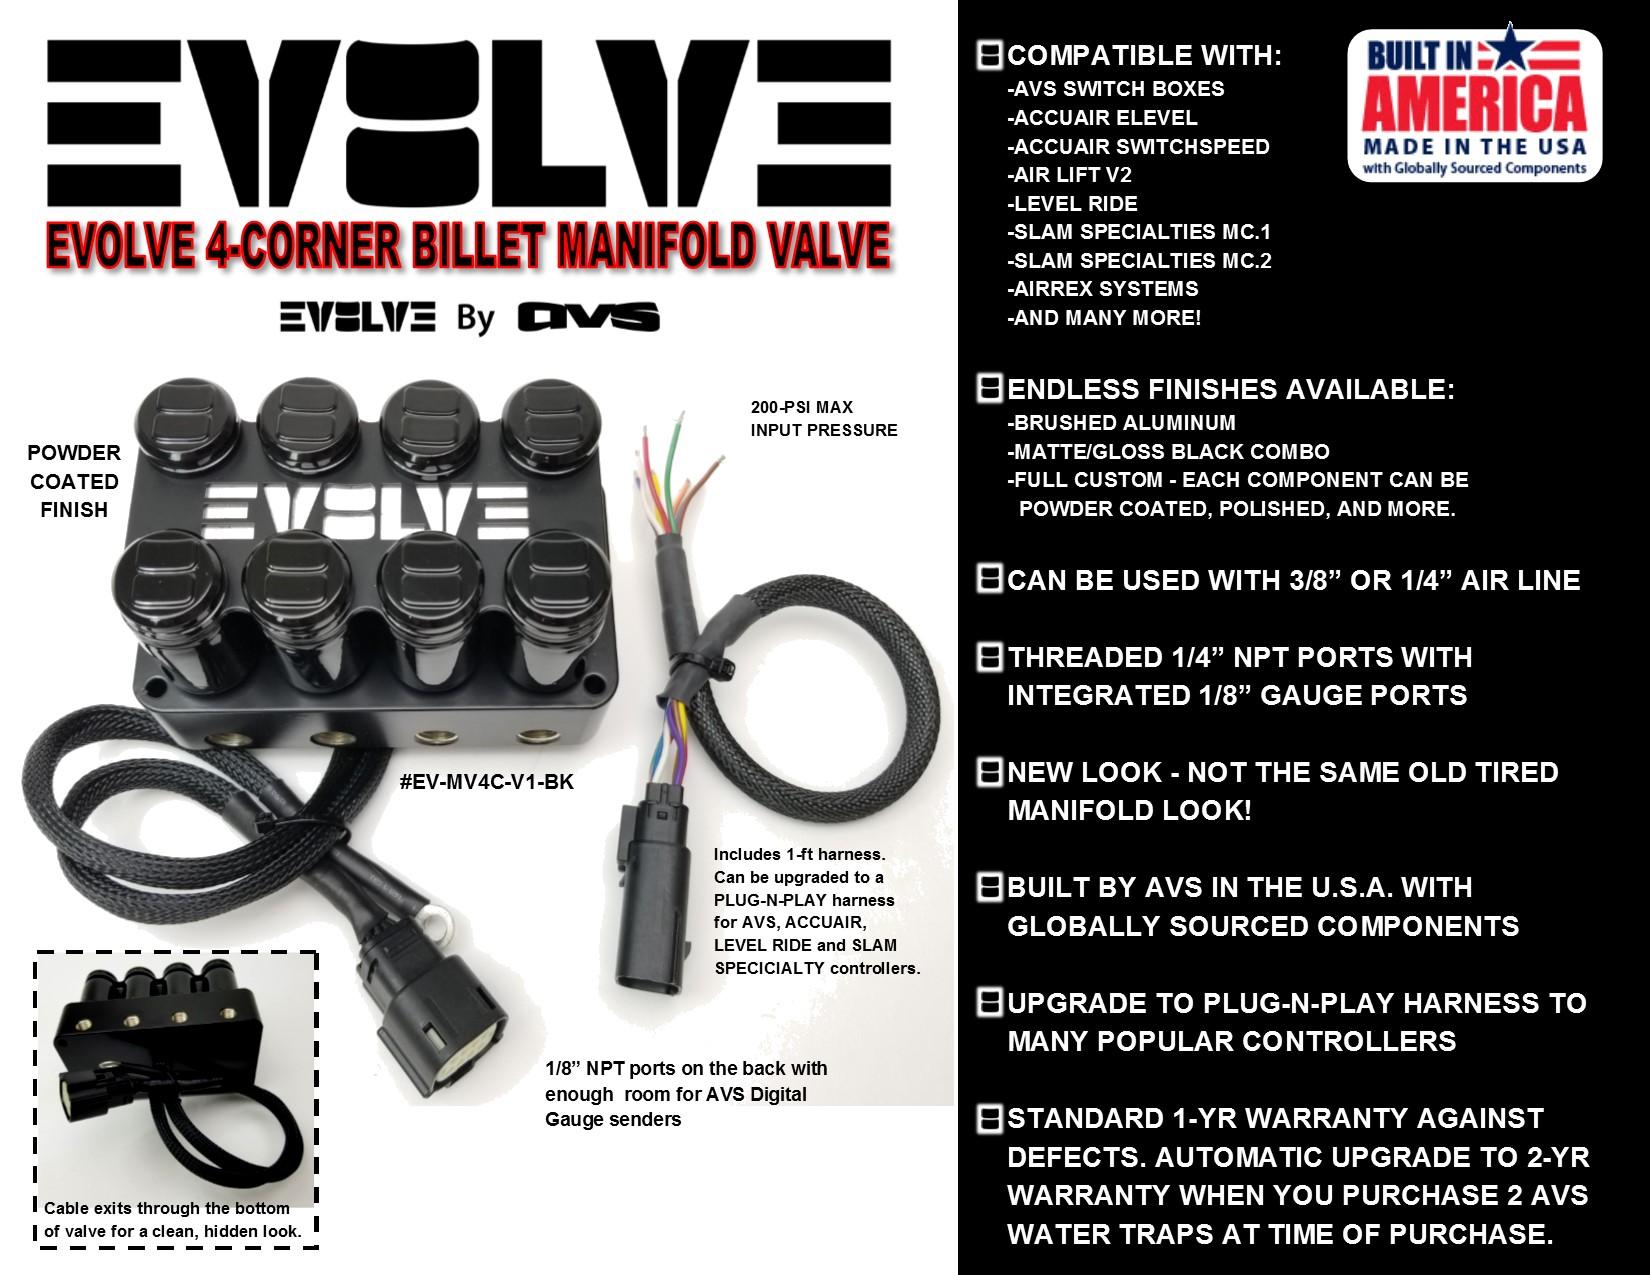 evolve-mv4c-v1-bk-release.jpg